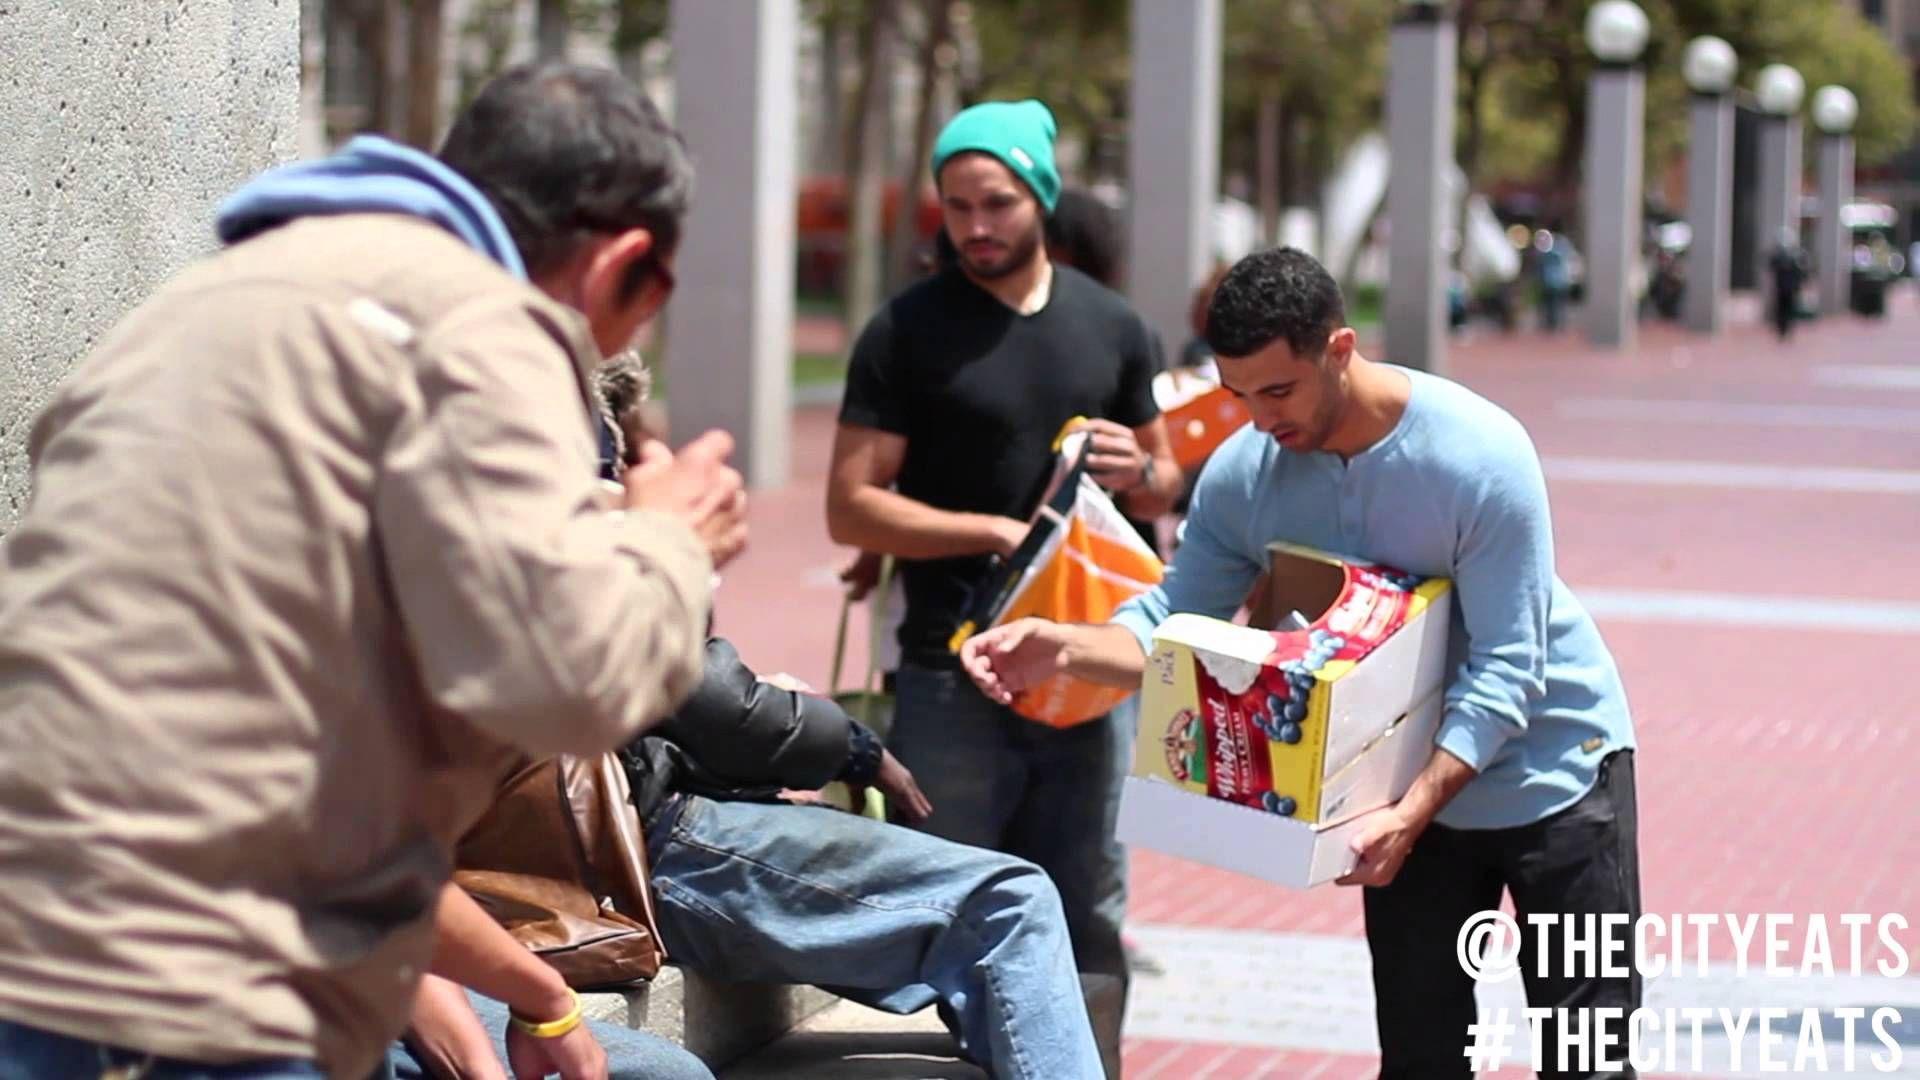 The City Eats Giving Sandwiches To Homeless In San Francisco Tenderloin Tenderloins San Francisco Homeless